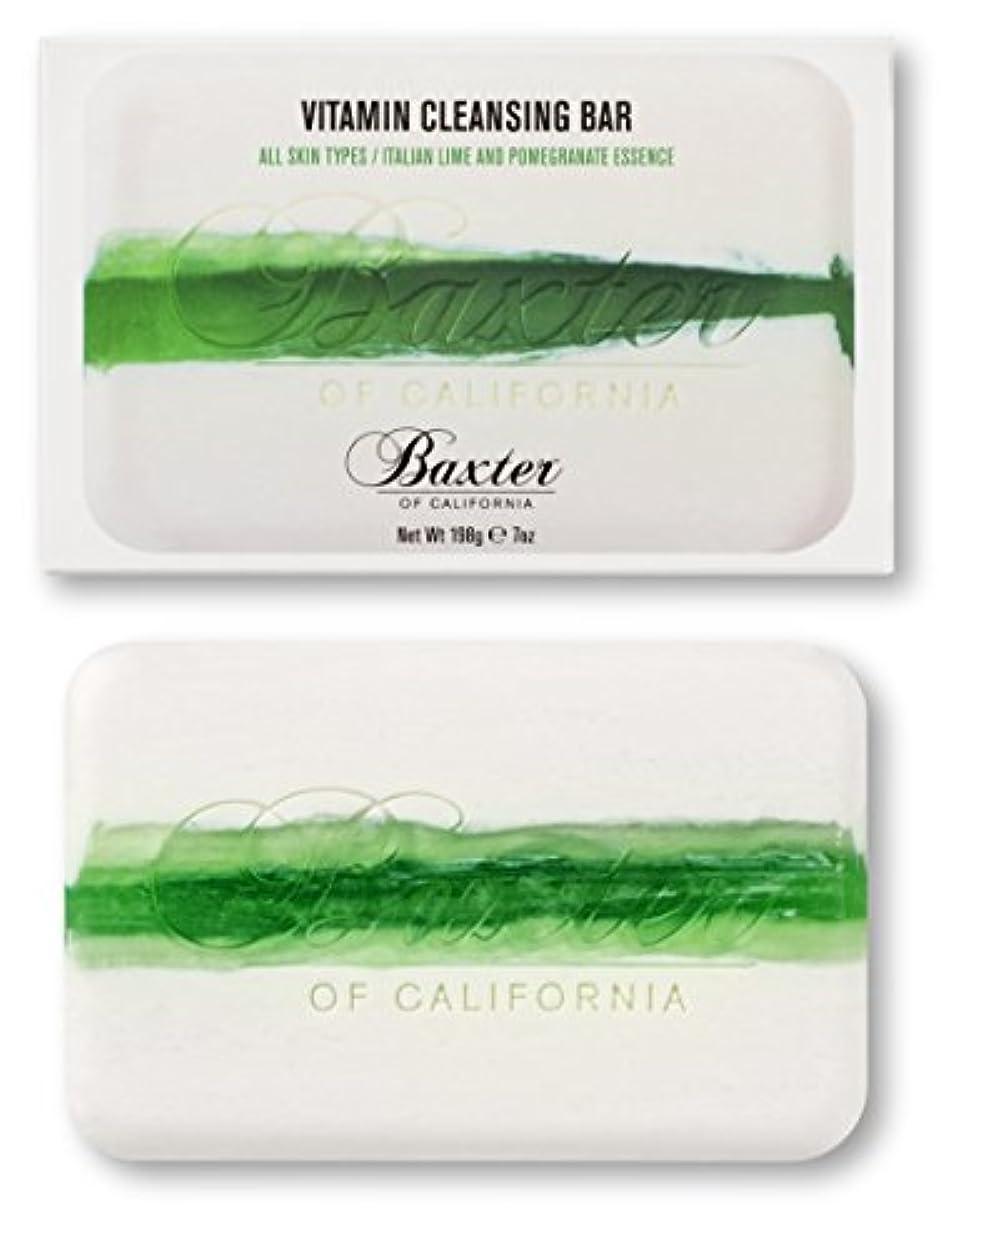 野生カーフレイプBaxter OF CALIFORNIA(バクスター オブ カリフォルニア) ビタミンクレンジングバー イタリアンライム&ポメグラネート 198g